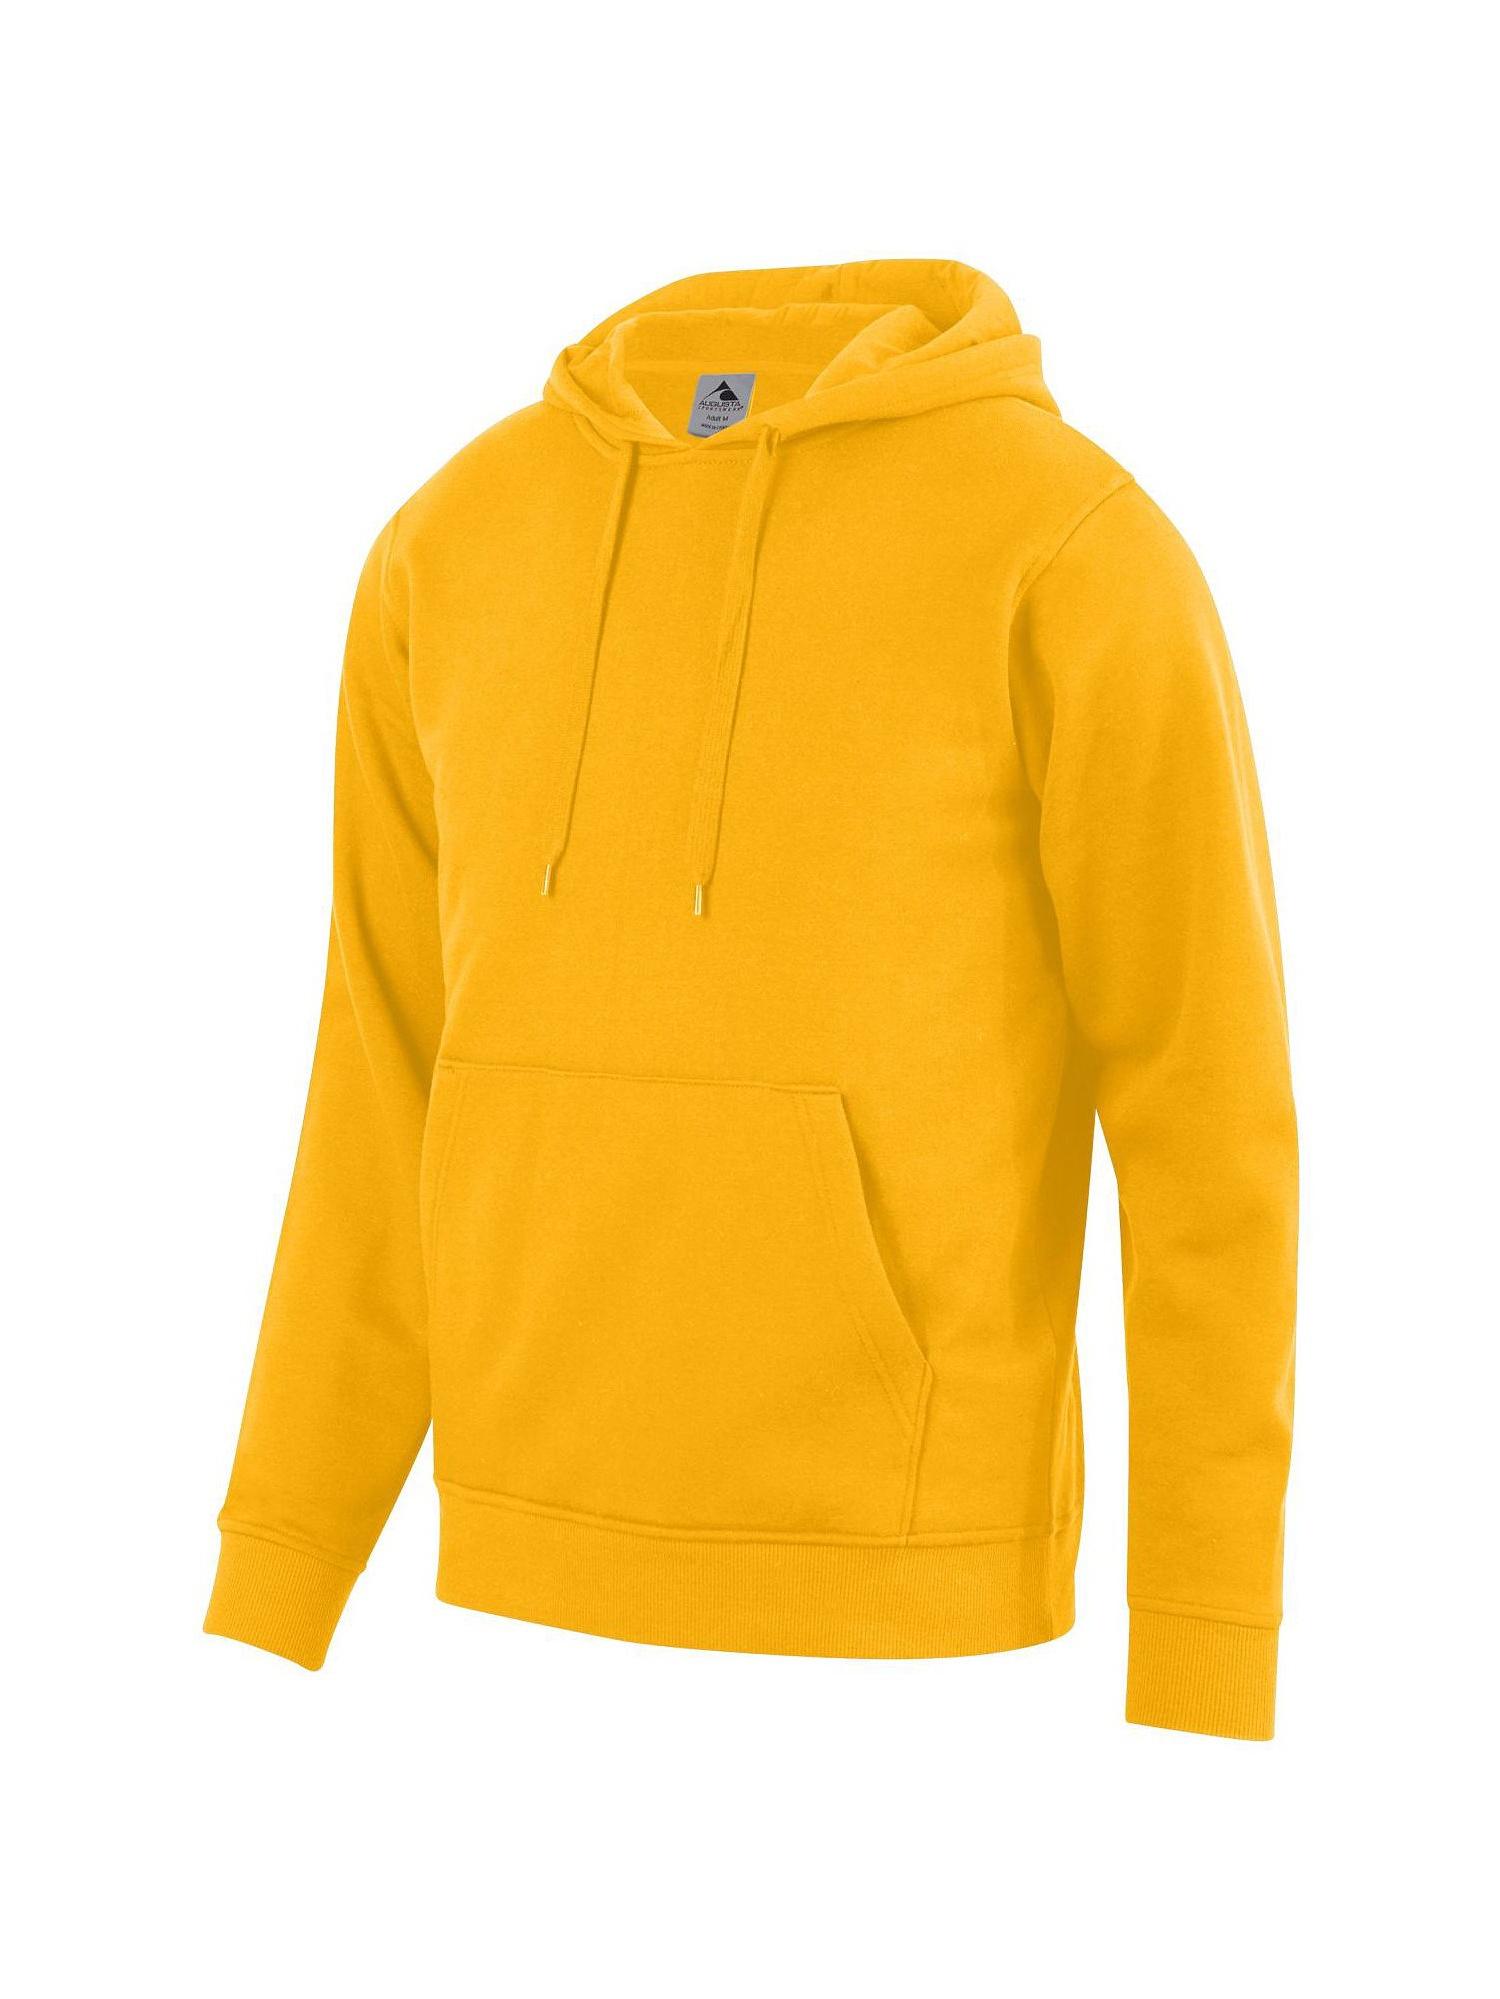 Augusta Sportswear Men's 60/40 Fleece Hoody 5414